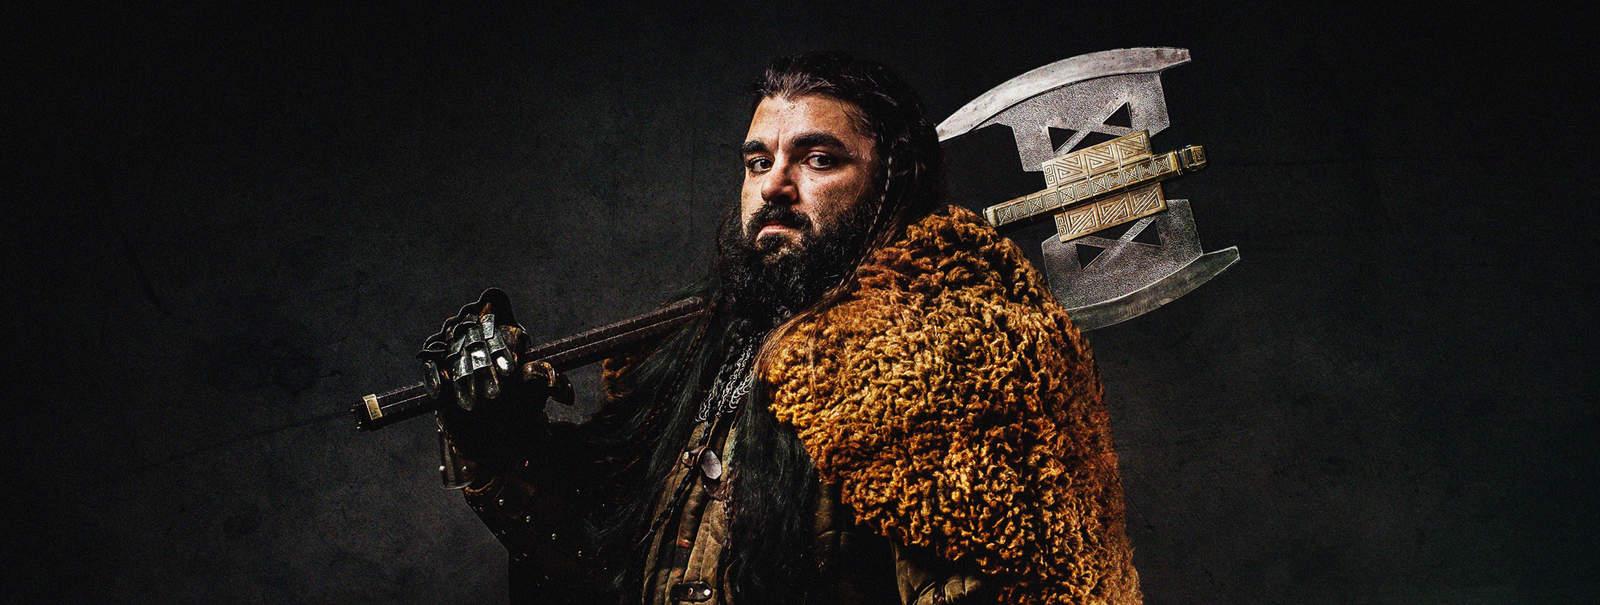 Pillards et pirates pas seulement les vikings etaient aussi des marins des explorateurs et des marchands qui ont beaucoup a nous apprendre